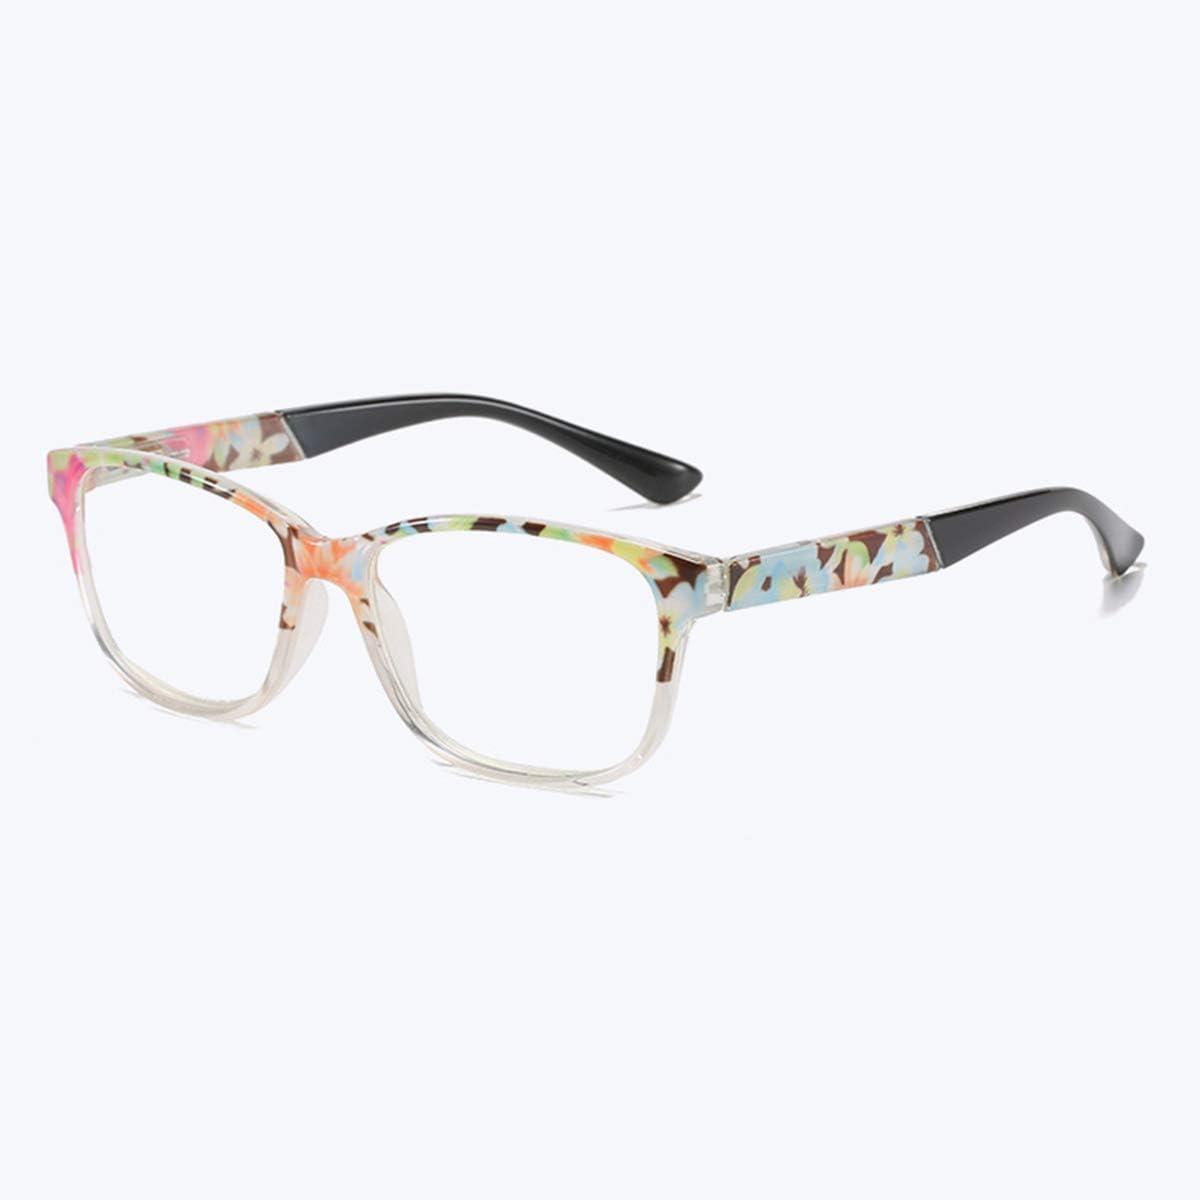 LGQ 2021 Nuevas Gafas de Lectura de Moda, Lentes de luz Anti-Azul, no se desvanecen fácilmente/Marco de PC Duradero Gafas de Alta definición para Mujer, dioptrías +1,00 a +3,00,Verde,+1.50